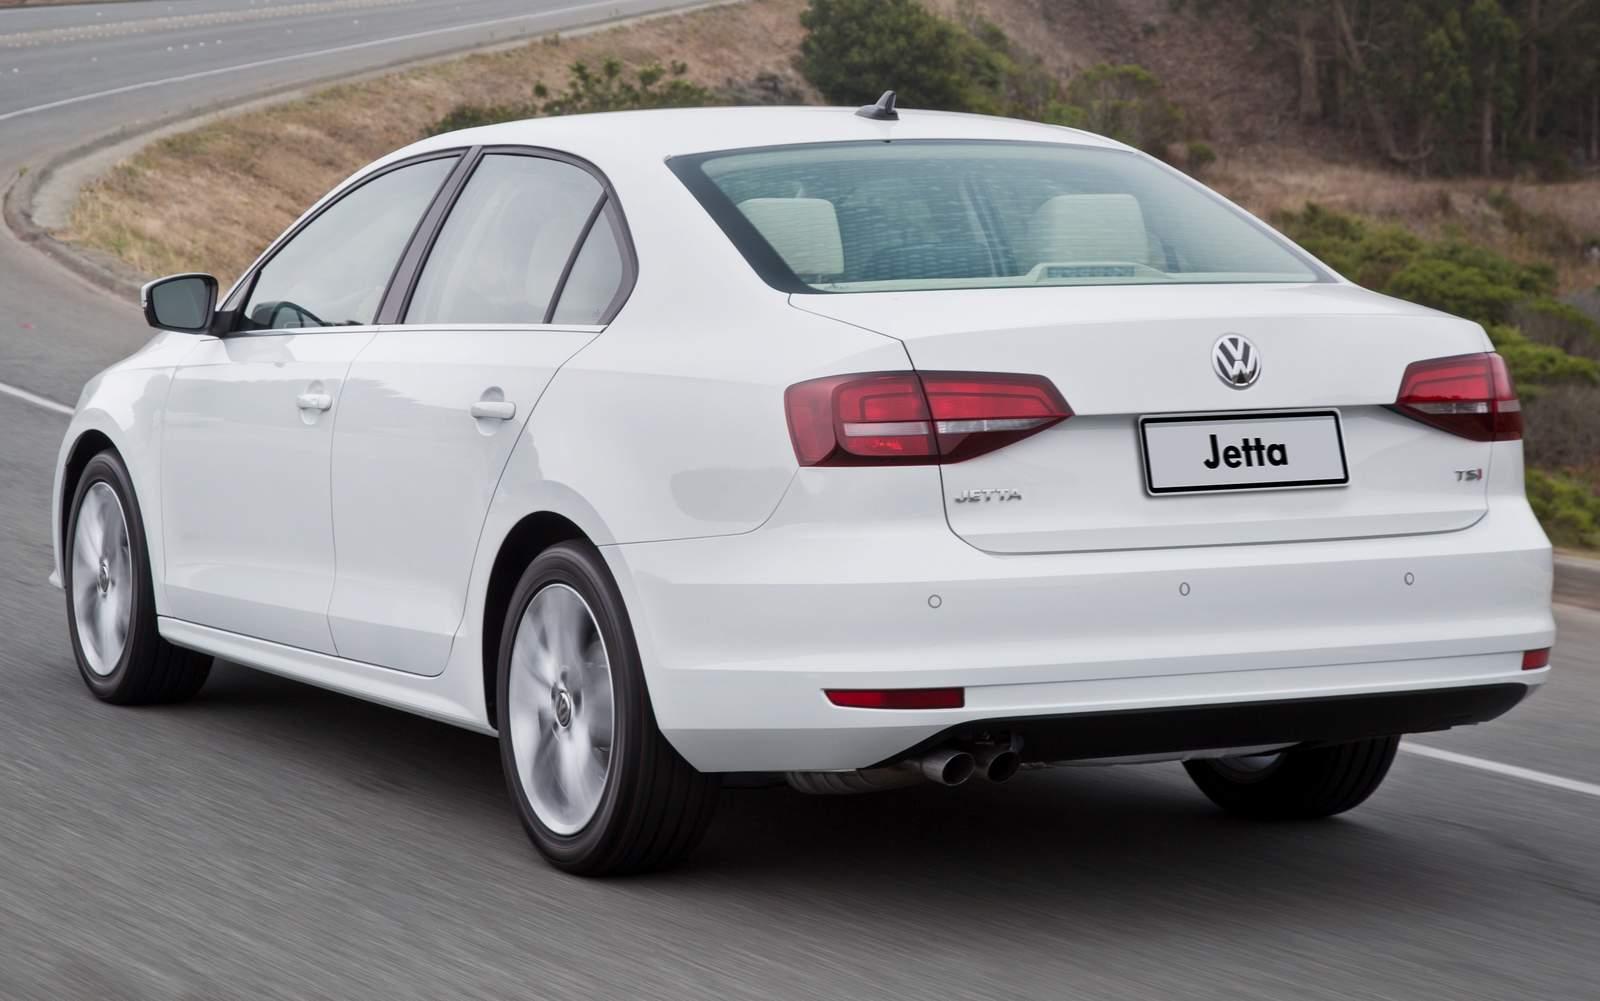 VW Jetta 2.0 TSI